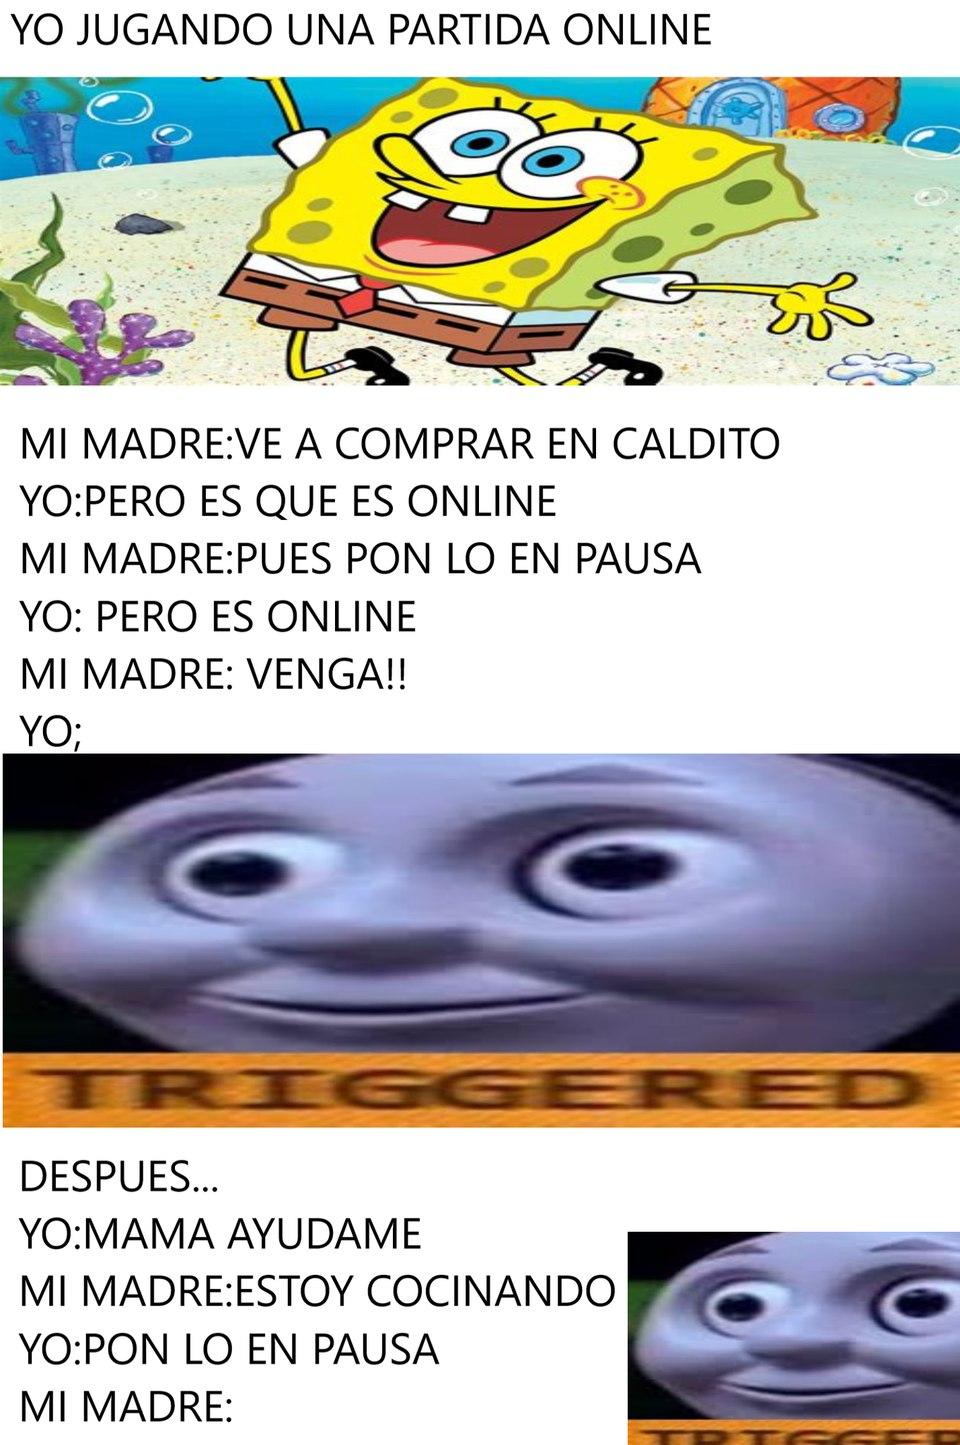 MI MADRE Y YO - meme